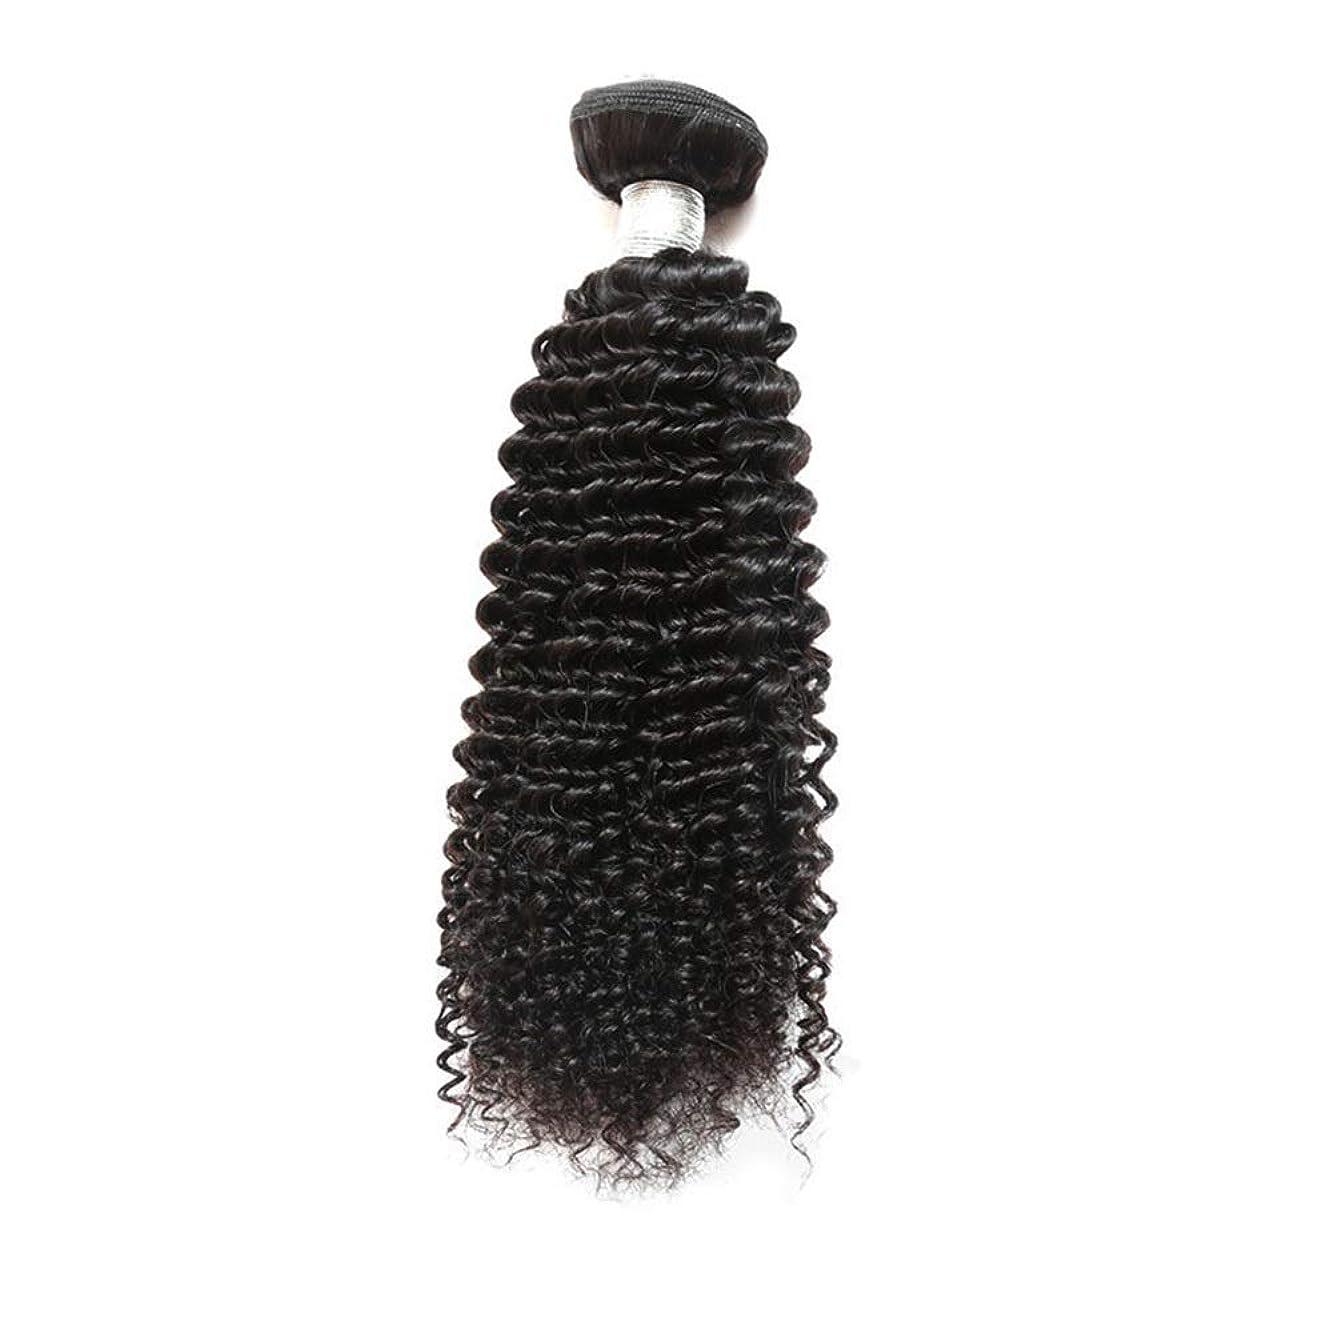 短くするナインへ否定するBOBIDYEE ブラジルの巻き毛10Aグレードバージンヘアバンドル100%未処理のRemy人間の毛髪のエクステンションロールプレイングかつら女性の自然なかつら (色 : 黒, サイズ : 12 inch)